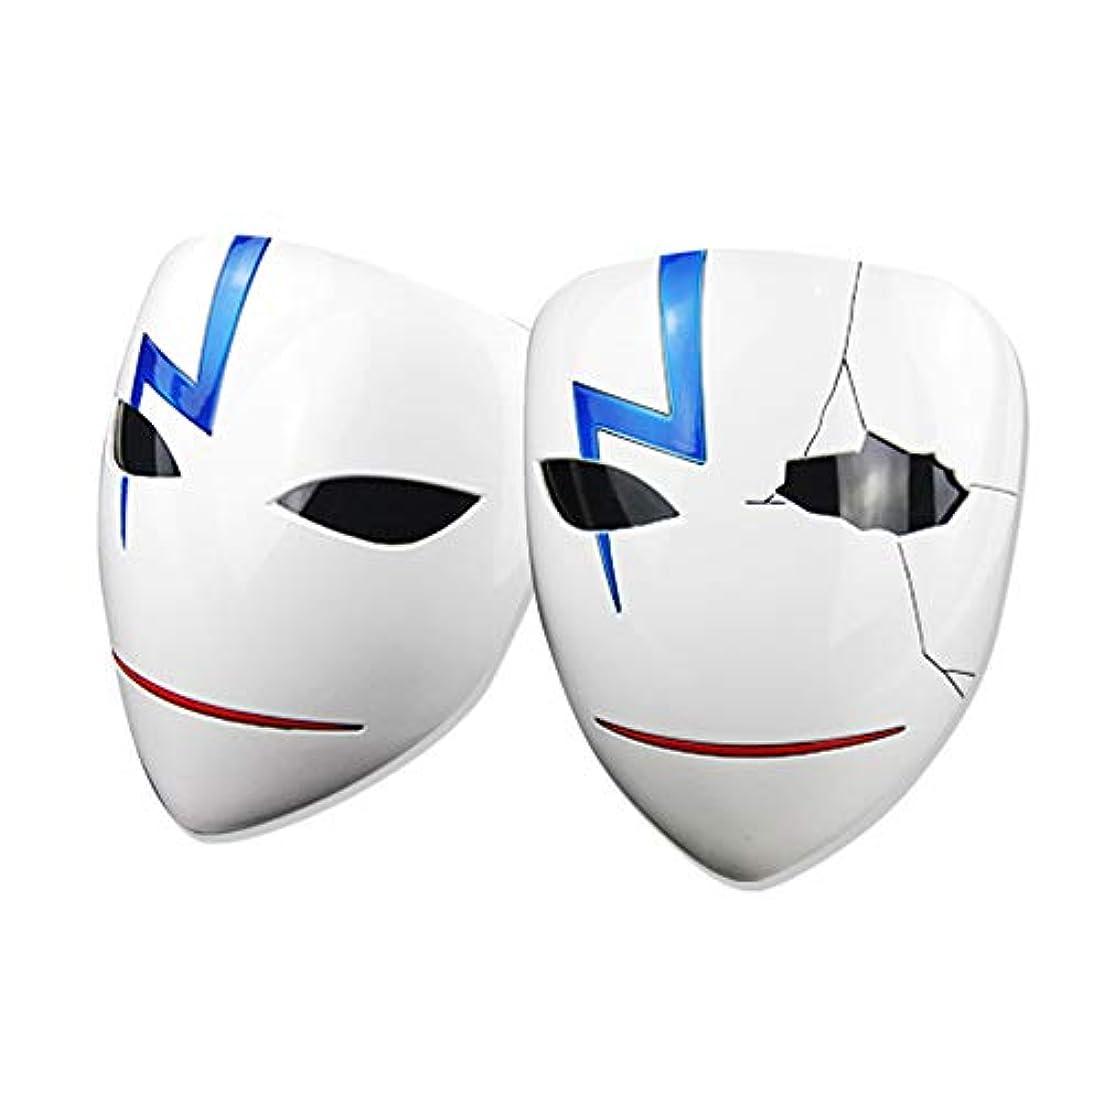 被る卵燃やすブラックマスクコスプレプロップマスクアニメ男より暗いハロウィーン,2